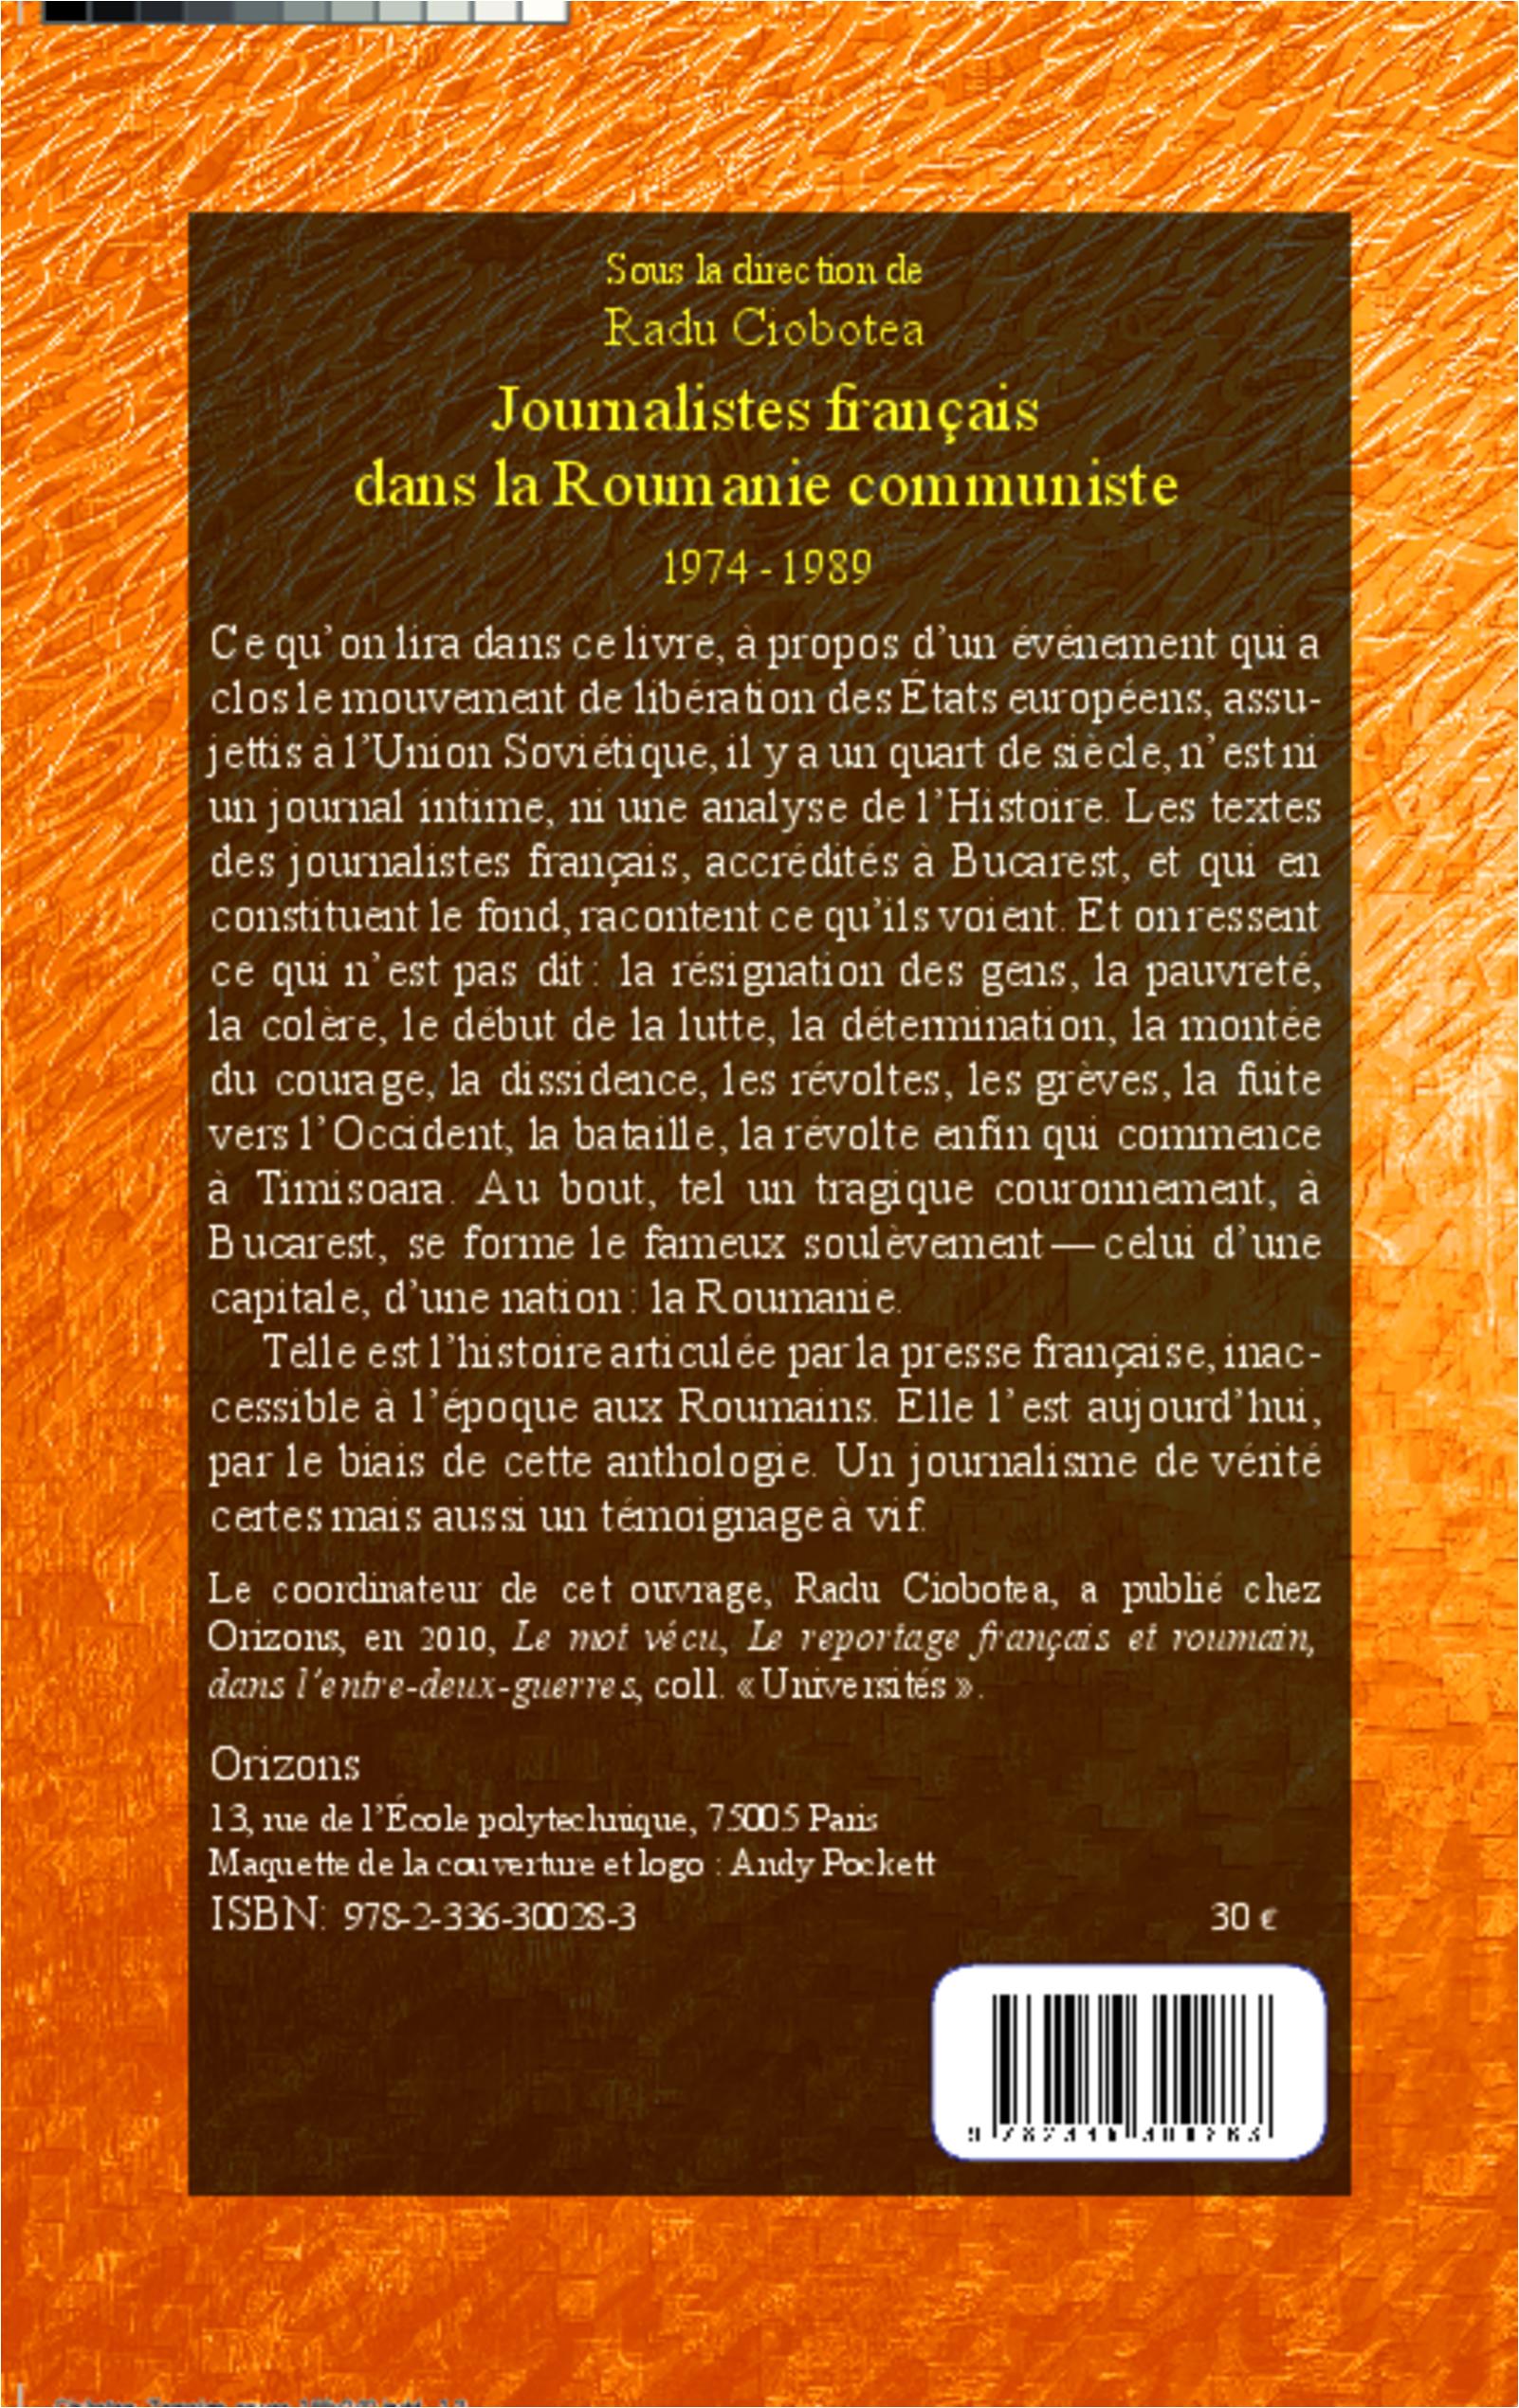 La 1974 Communiste Journalistes Français Dans 1989 Roumanie Sous Ew6Zxqva